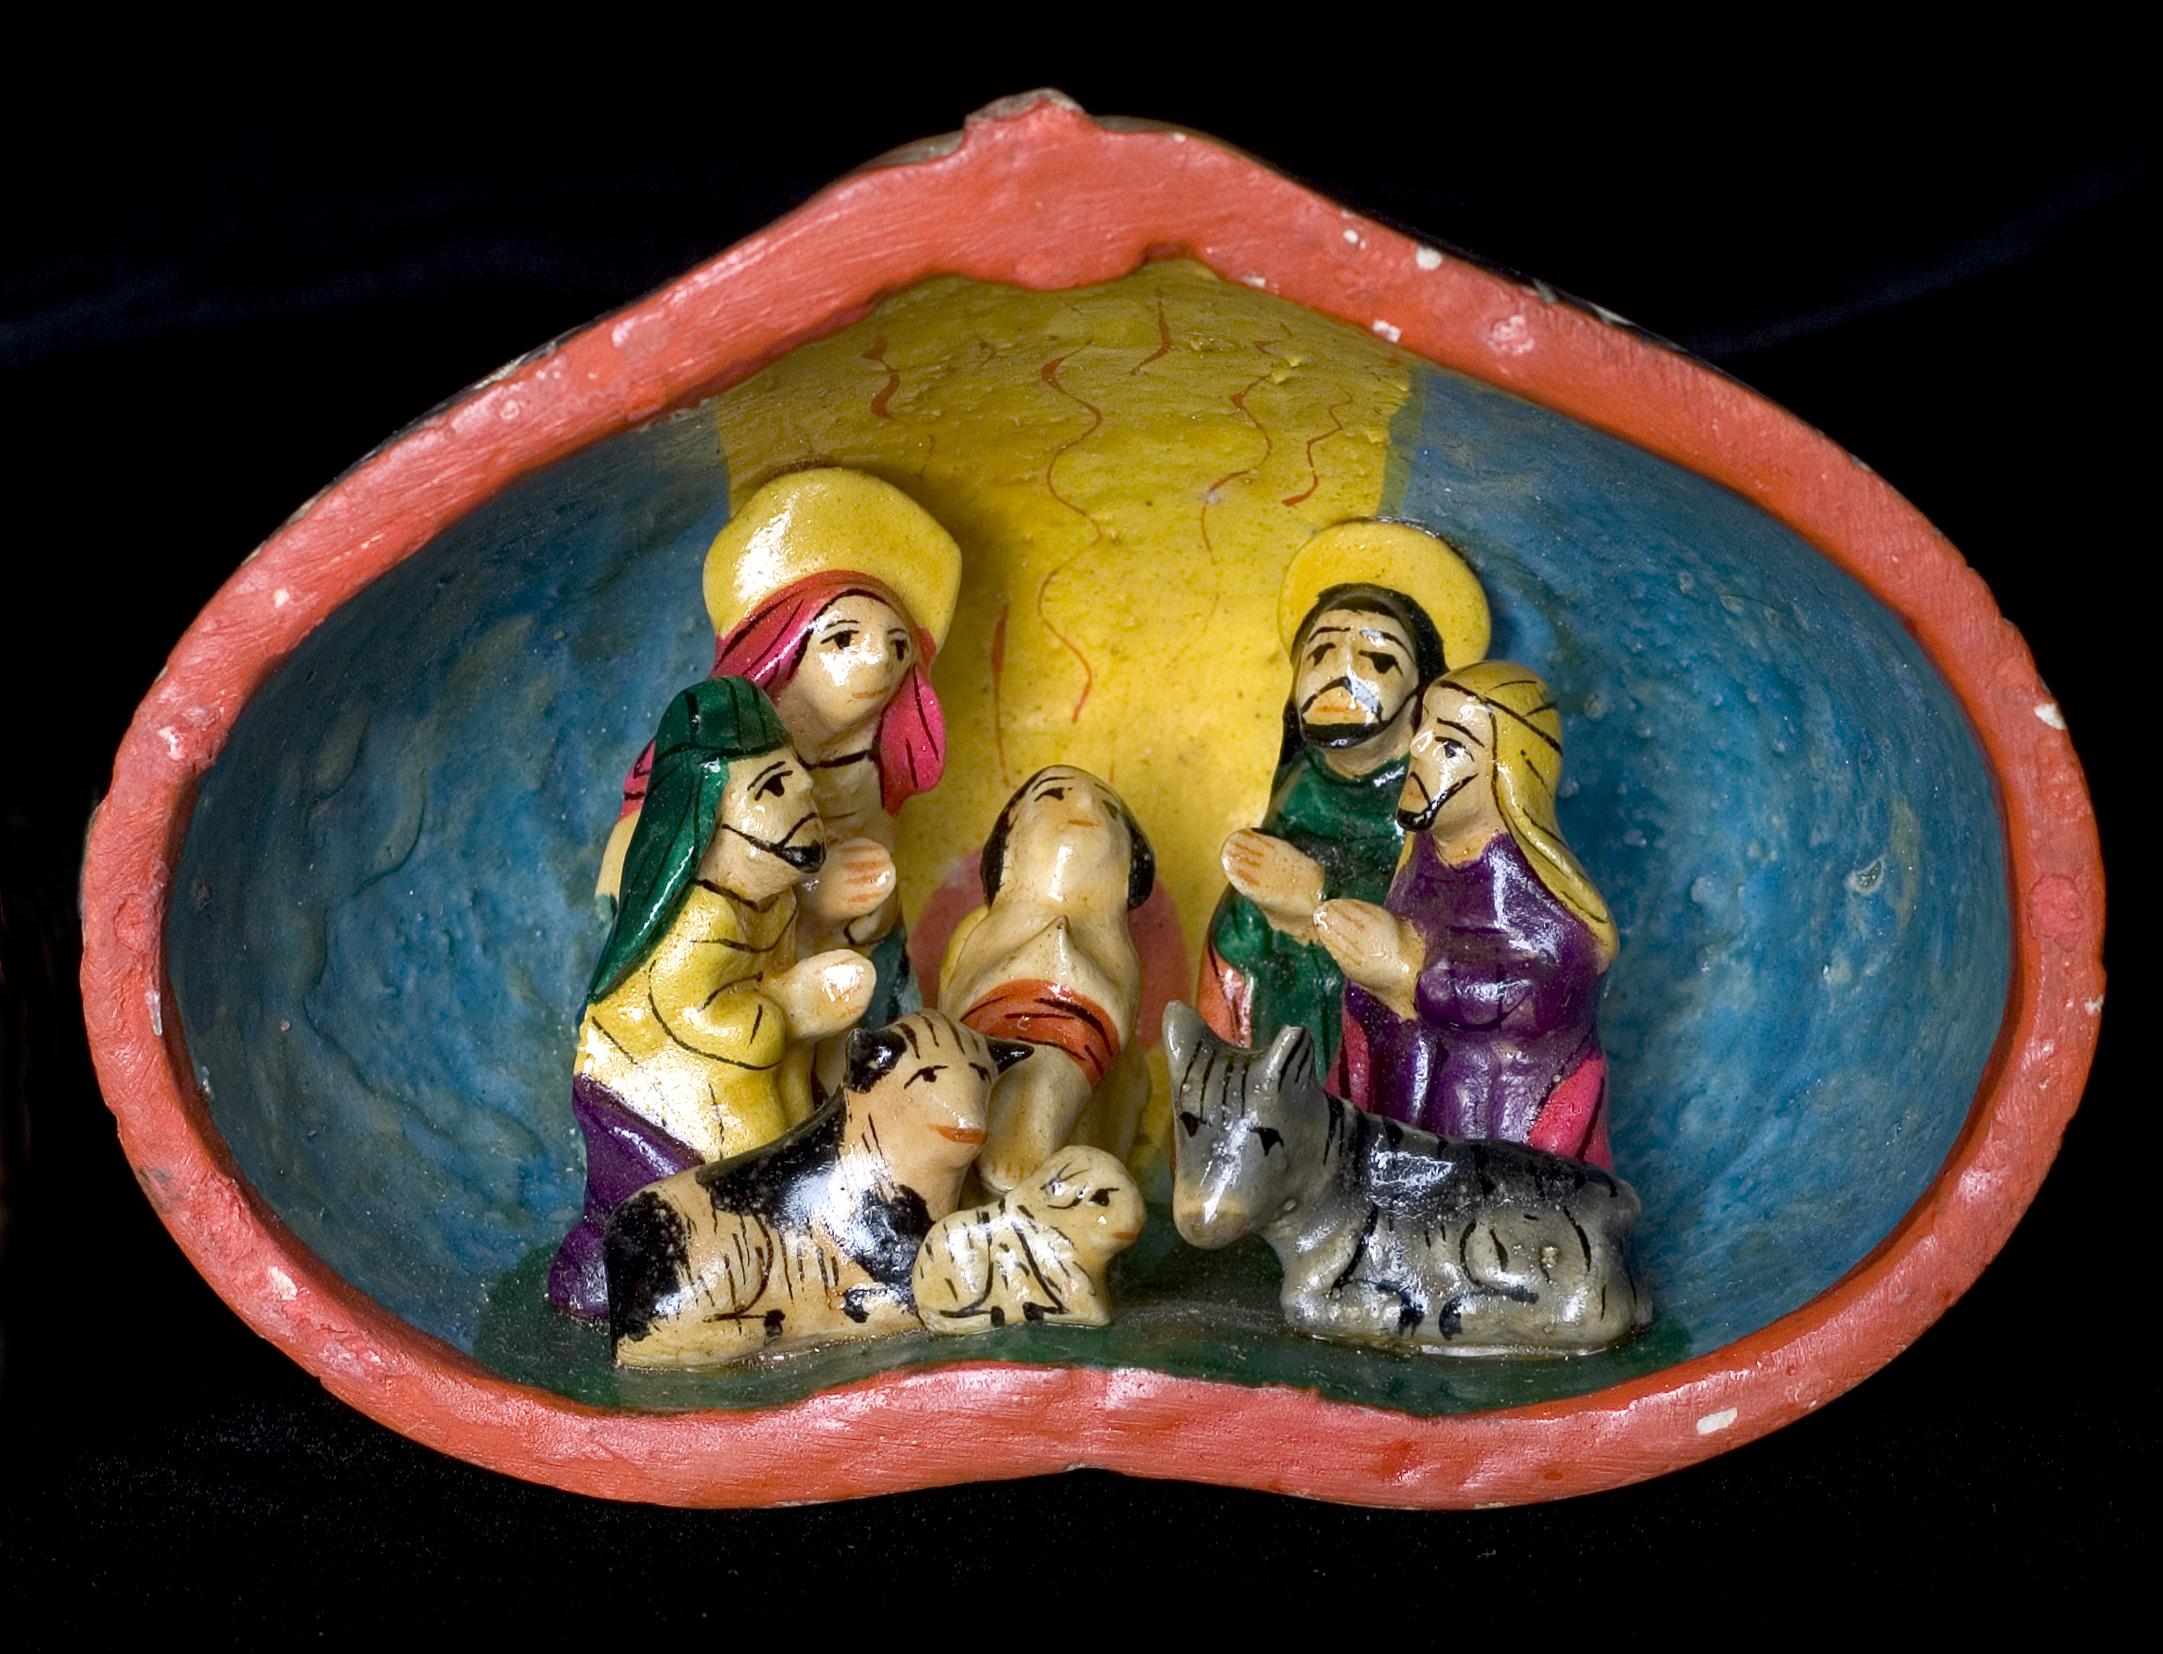 페루에서 제작된 조형물, 예수 탄생, 테네시주 내쉬빌에 소재한 다락방 박물관 소장품.  사진 마이크 듀 보스 (Mike DuBose), UMNS.